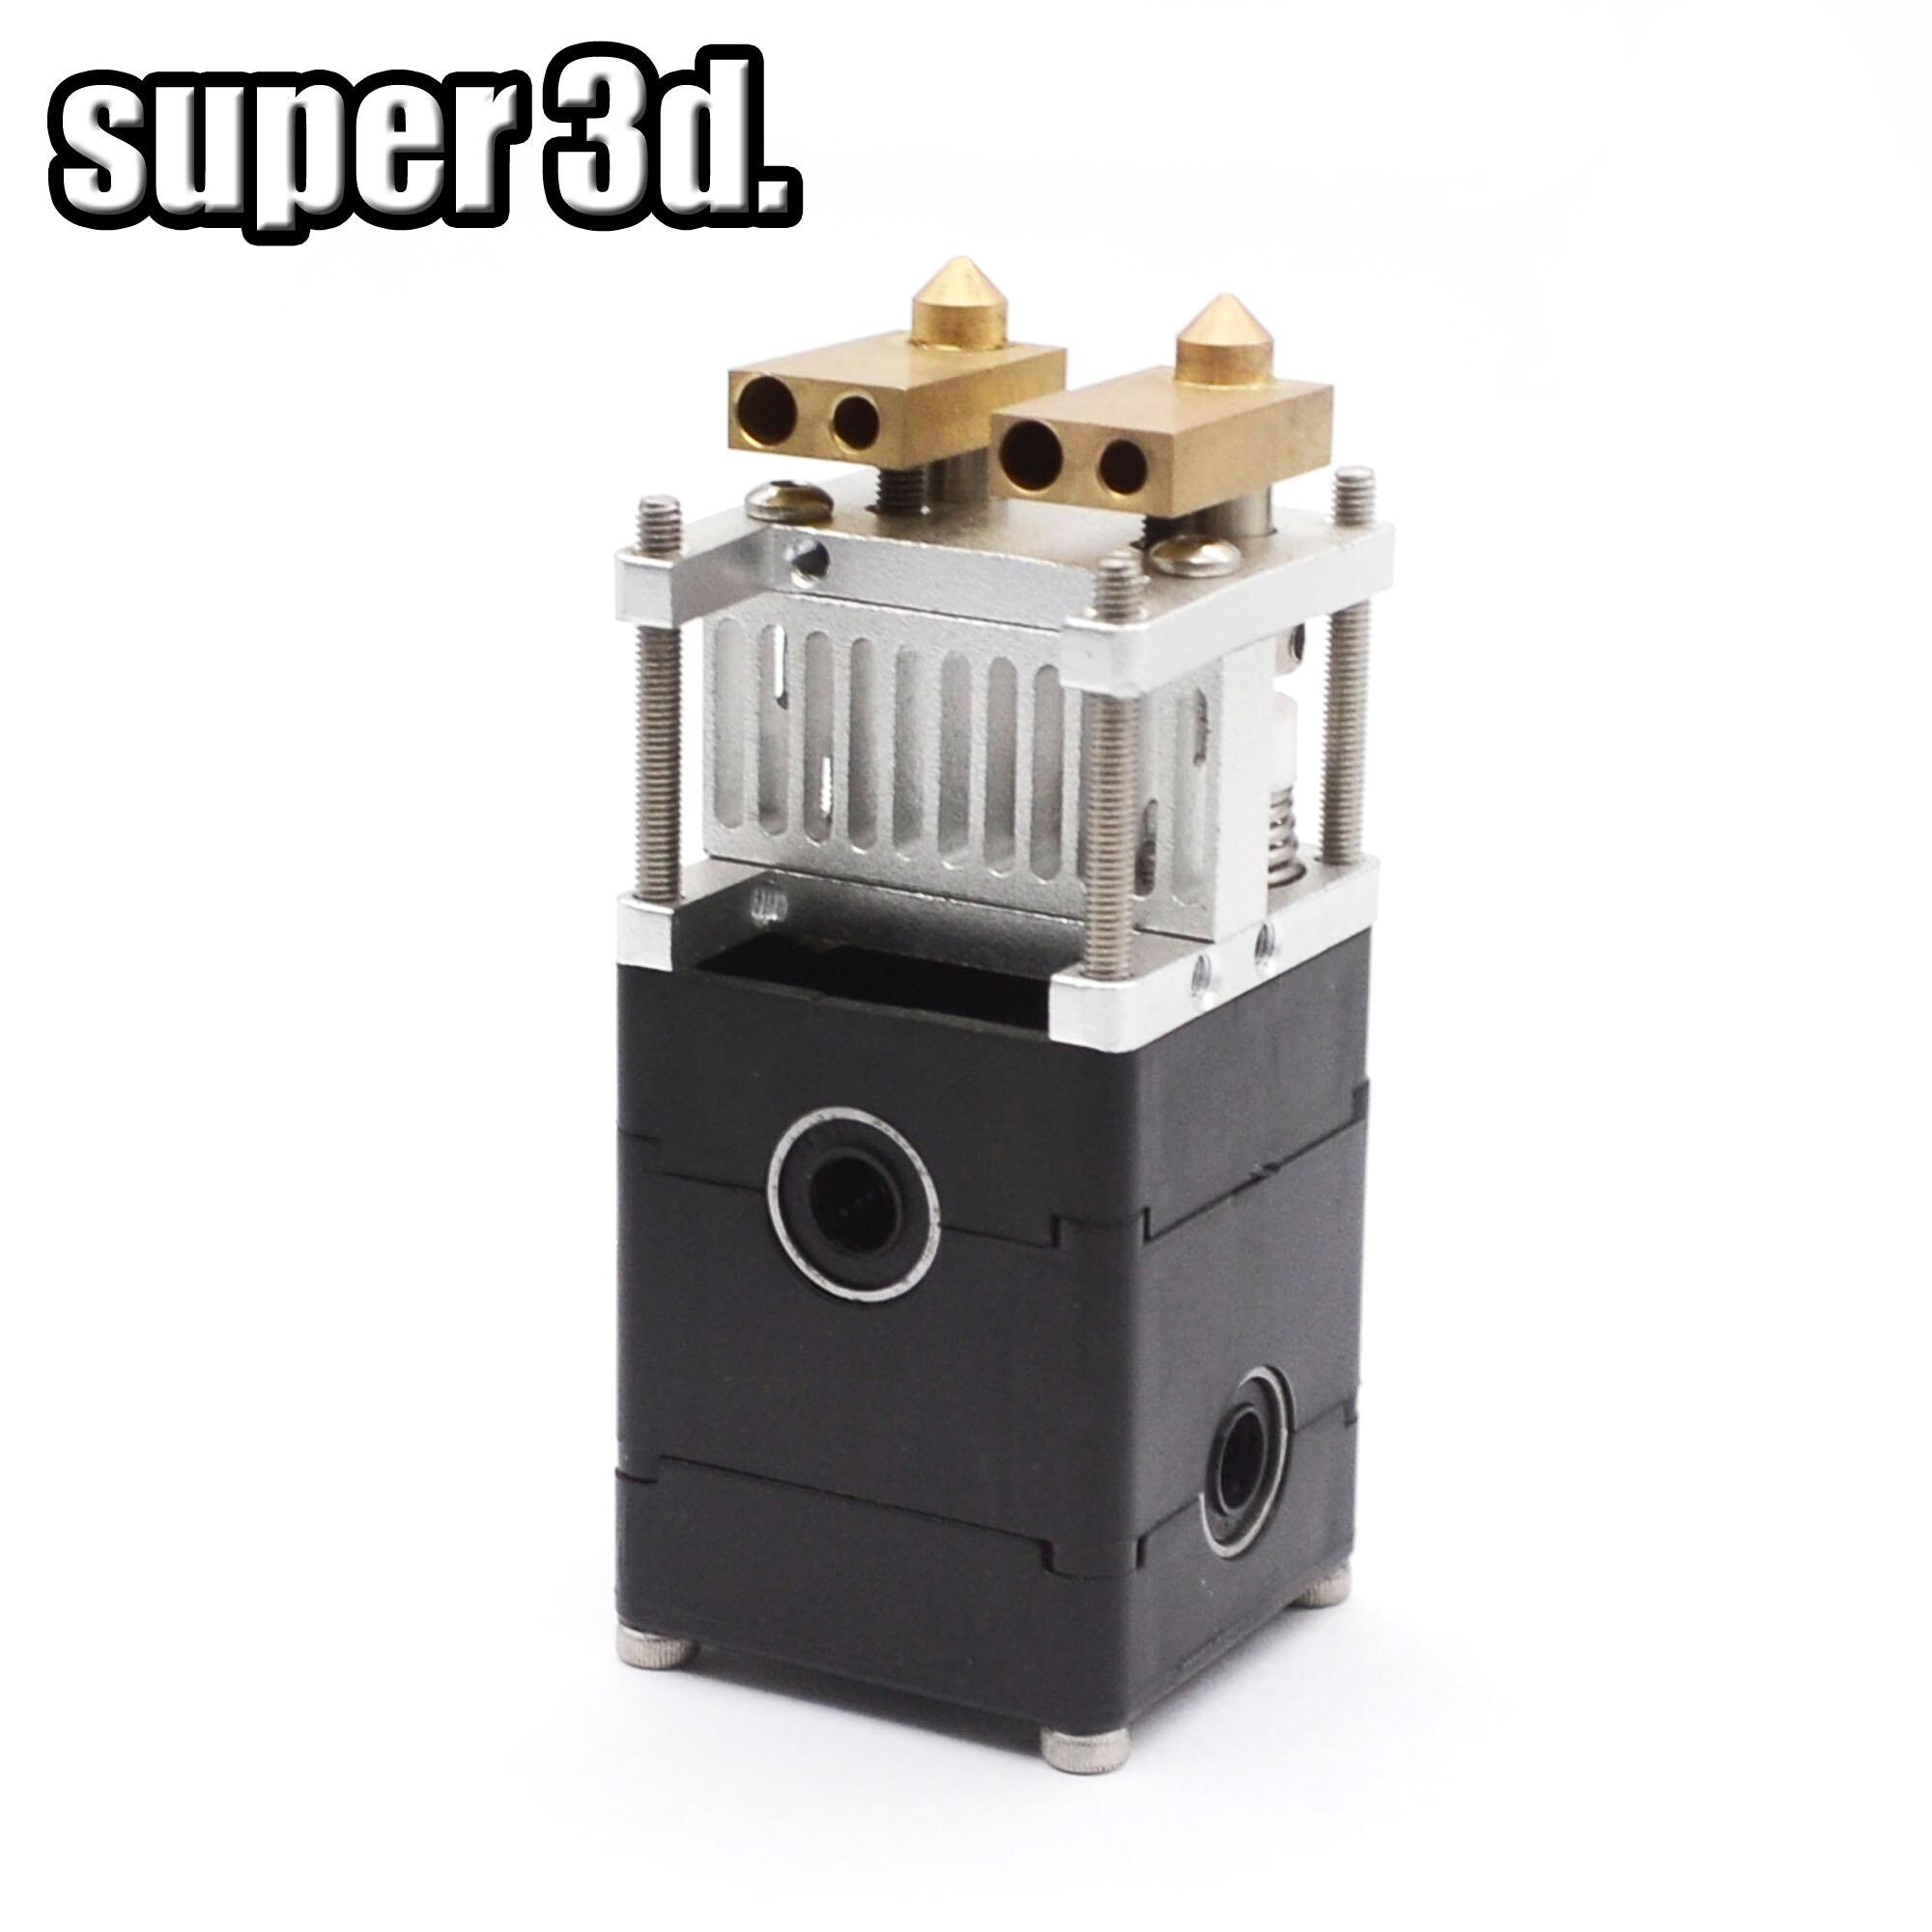 for both 1.75mm//3mm Version Original Ultimaker Hot End Pack